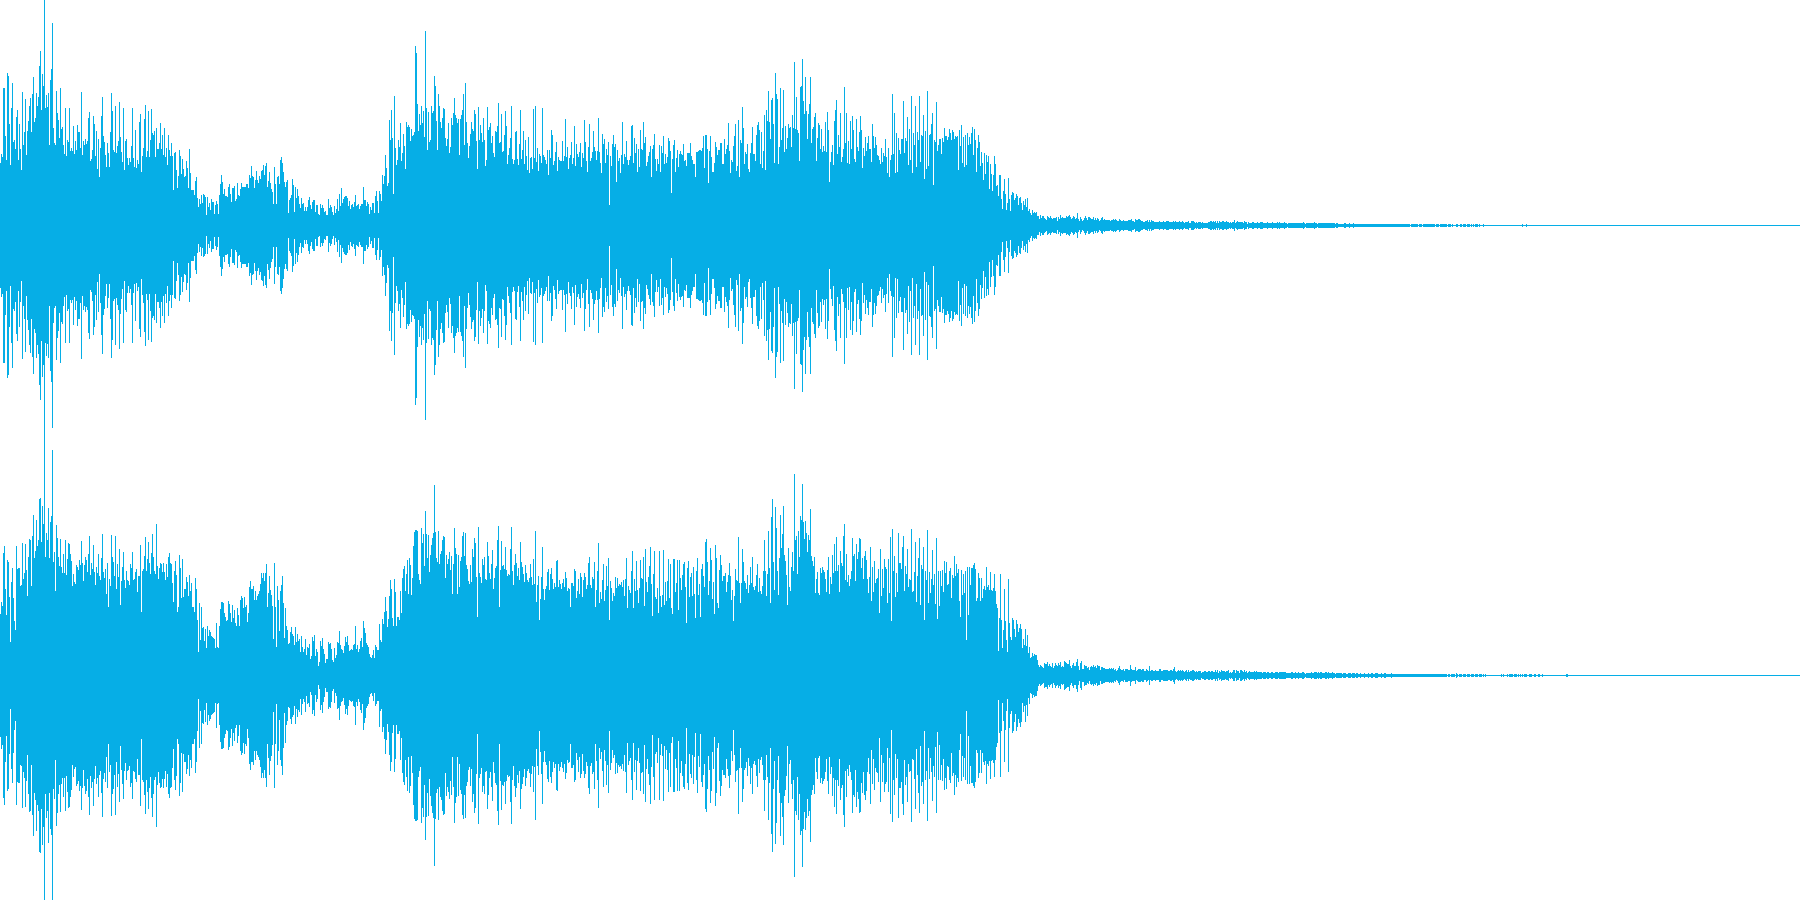 エレキギターがメインのロック系ジングルの再生済みの波形